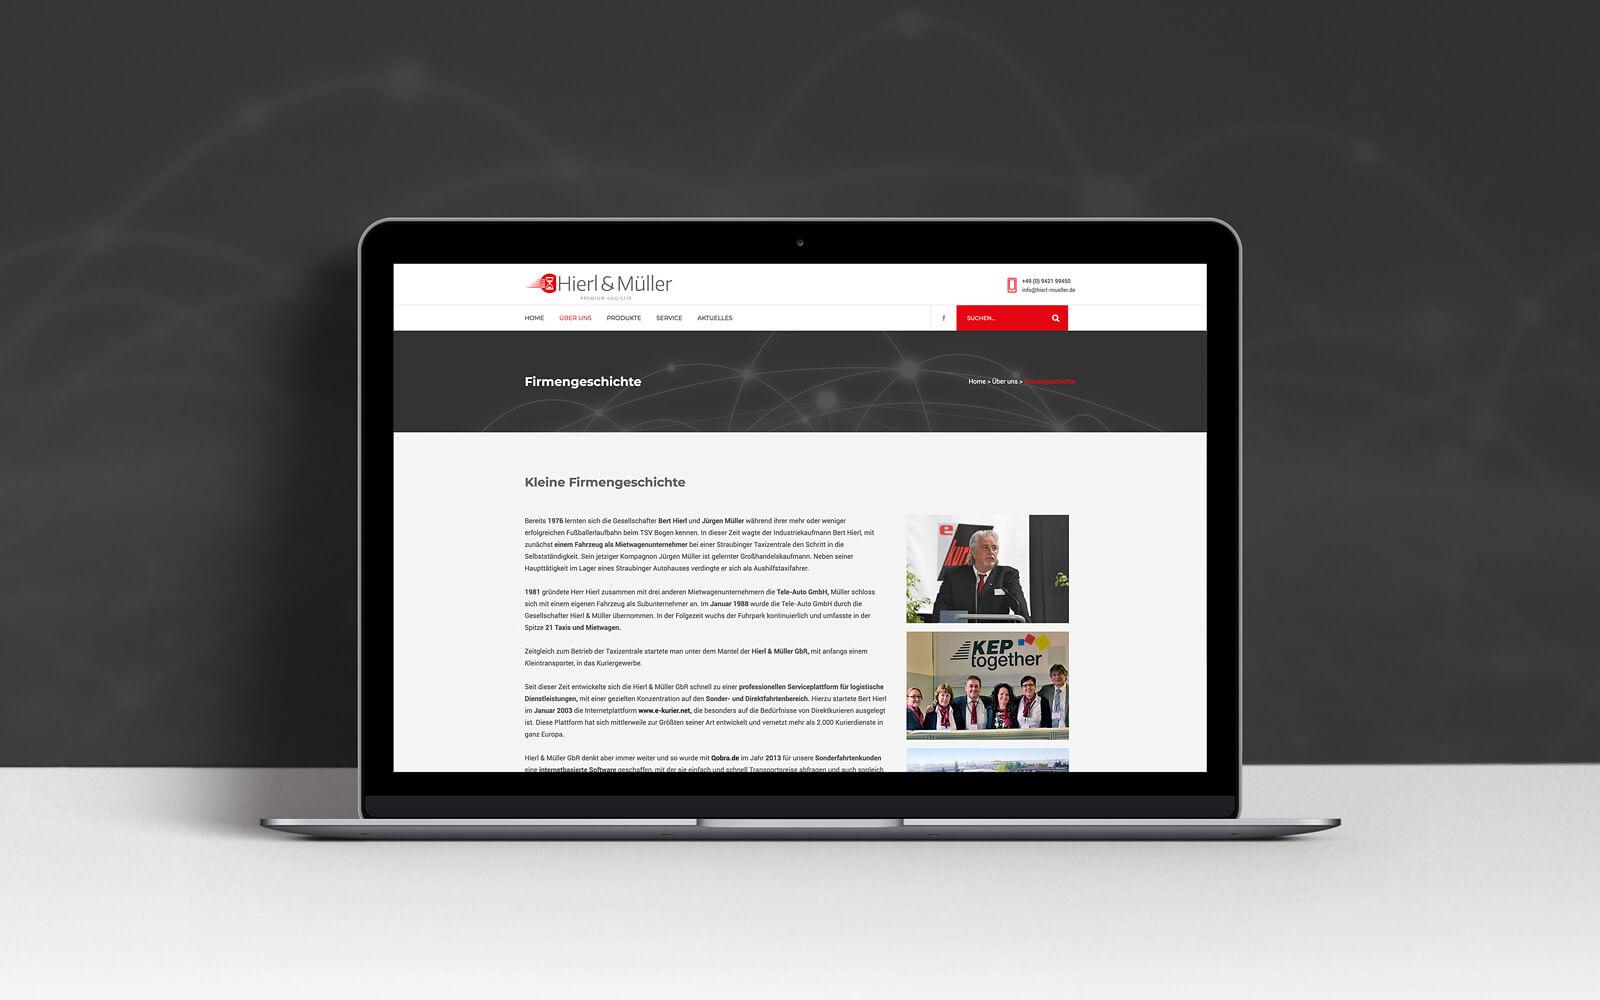 Hierl & Müller – Website Firmengeschichte